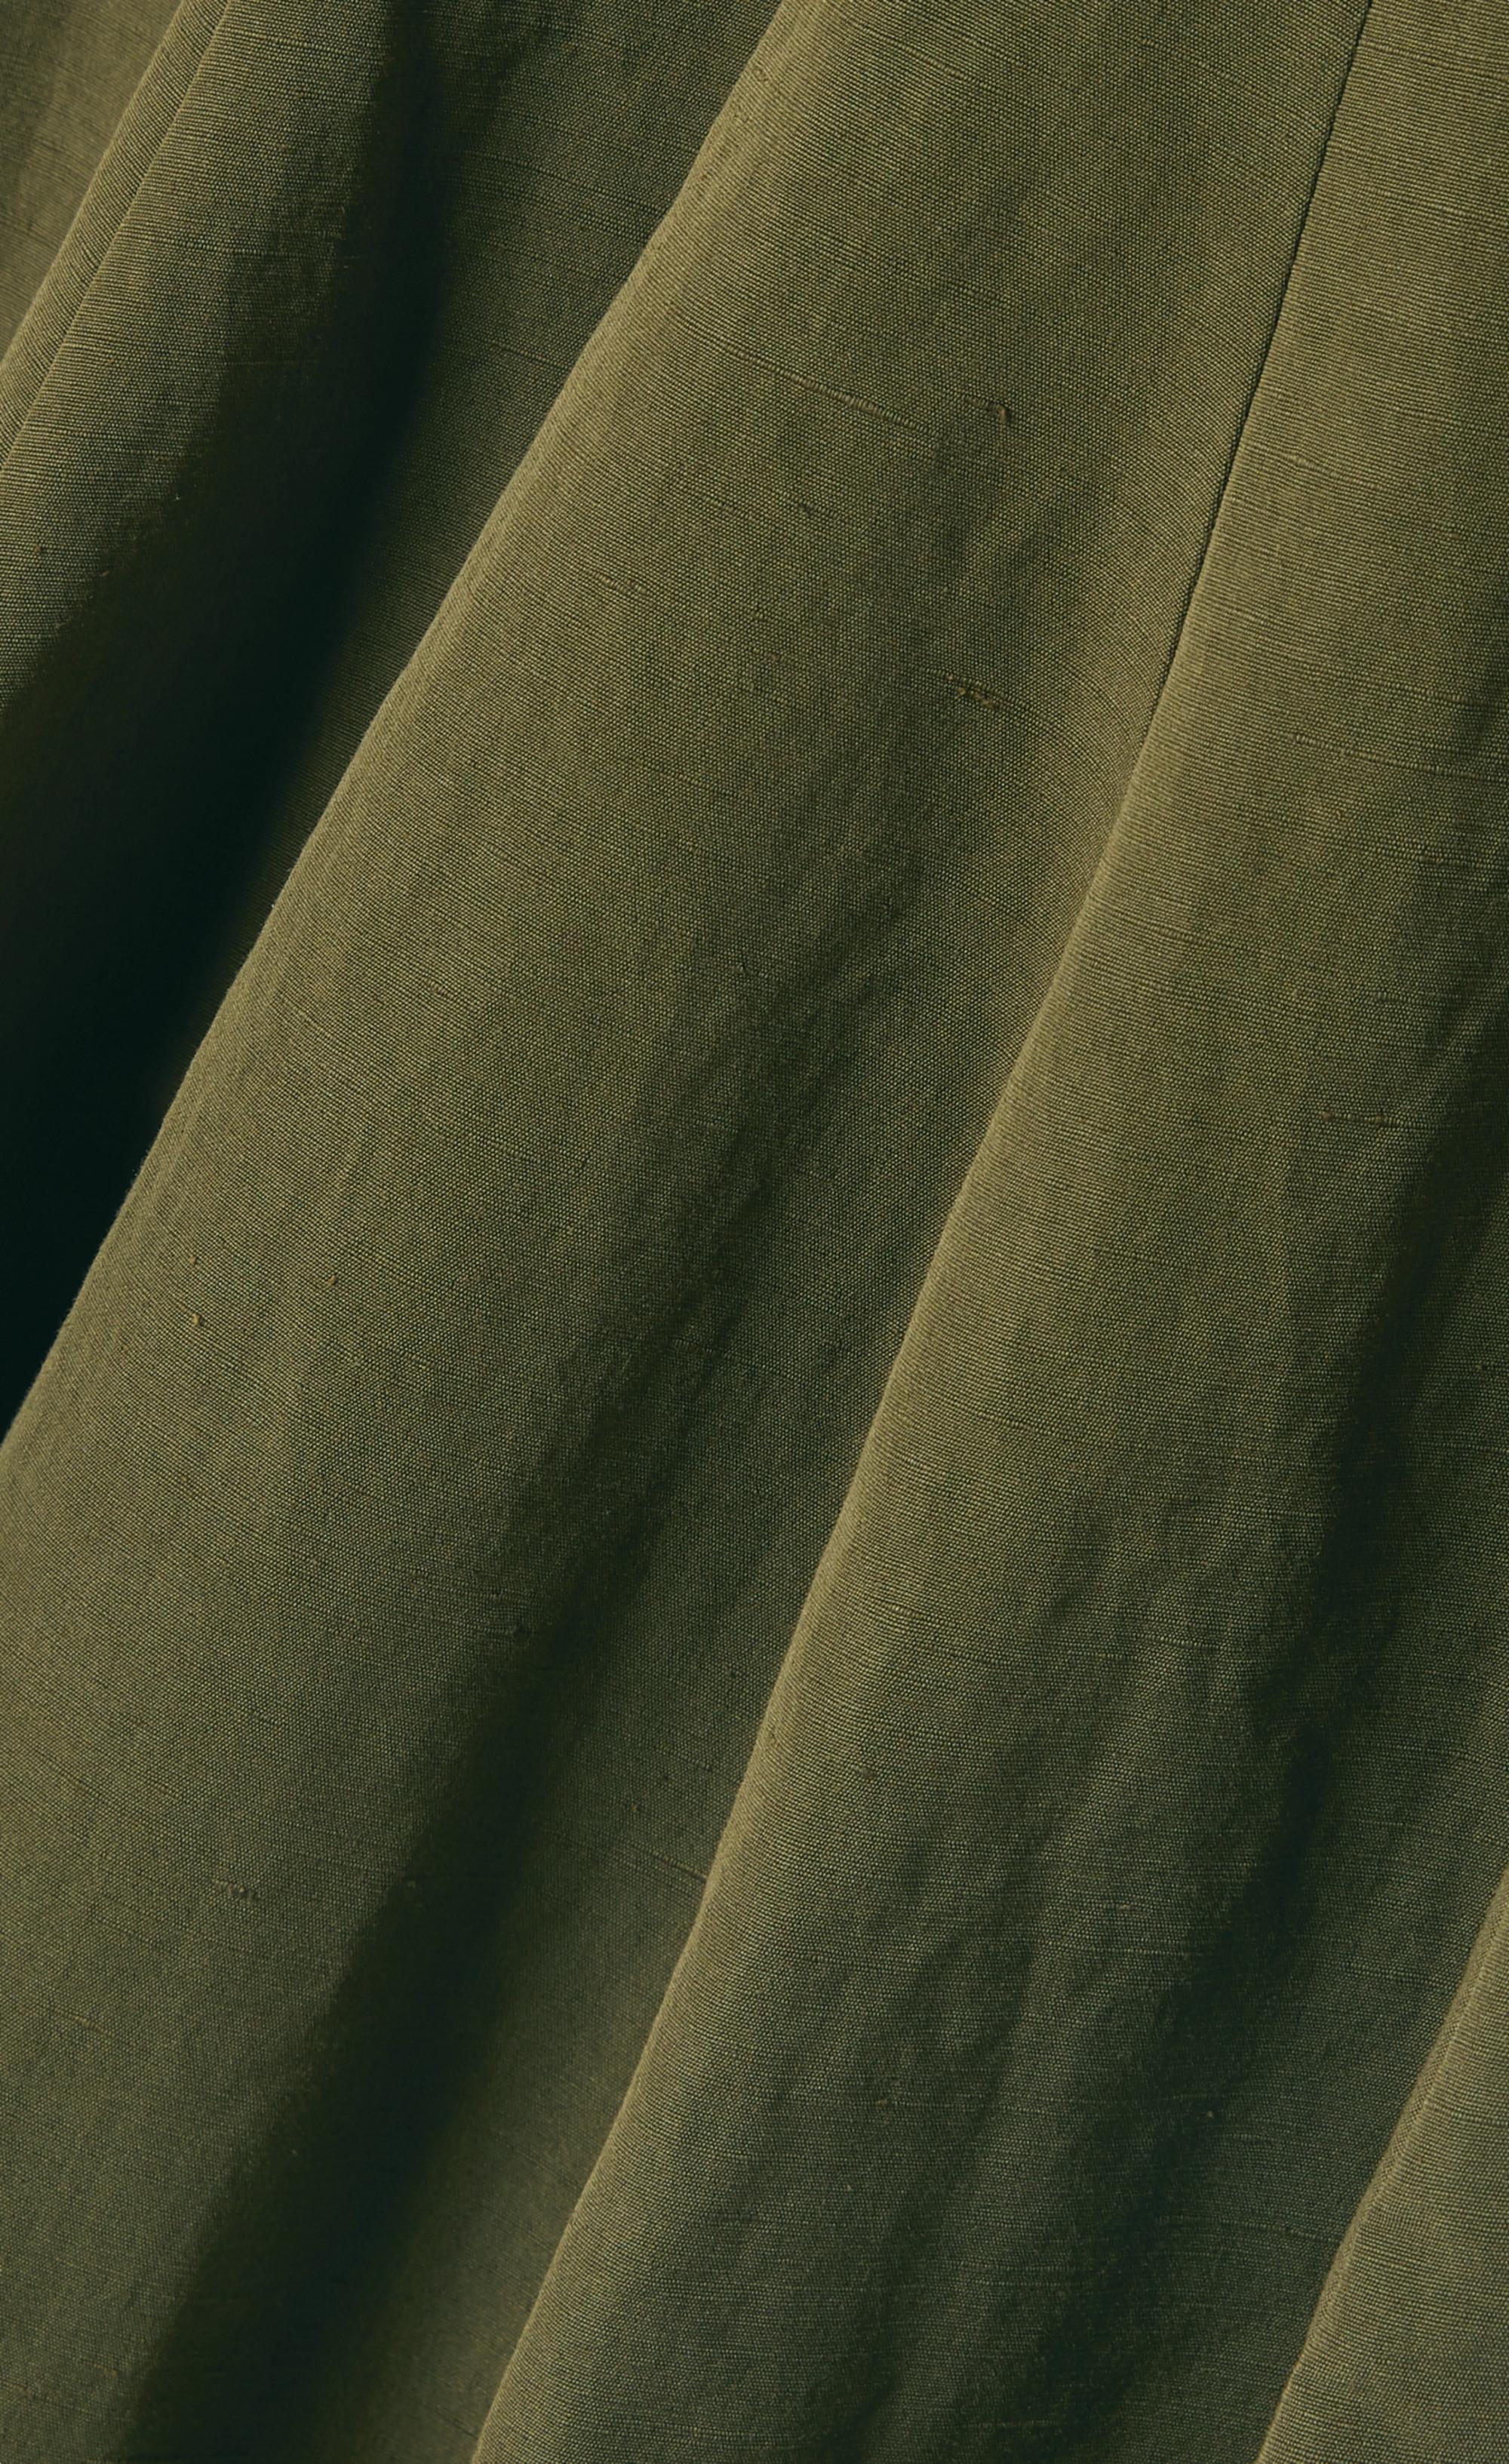 Brock Collection Midikleid aus einer Mischung aus Baumwolle, Leinen und Seide